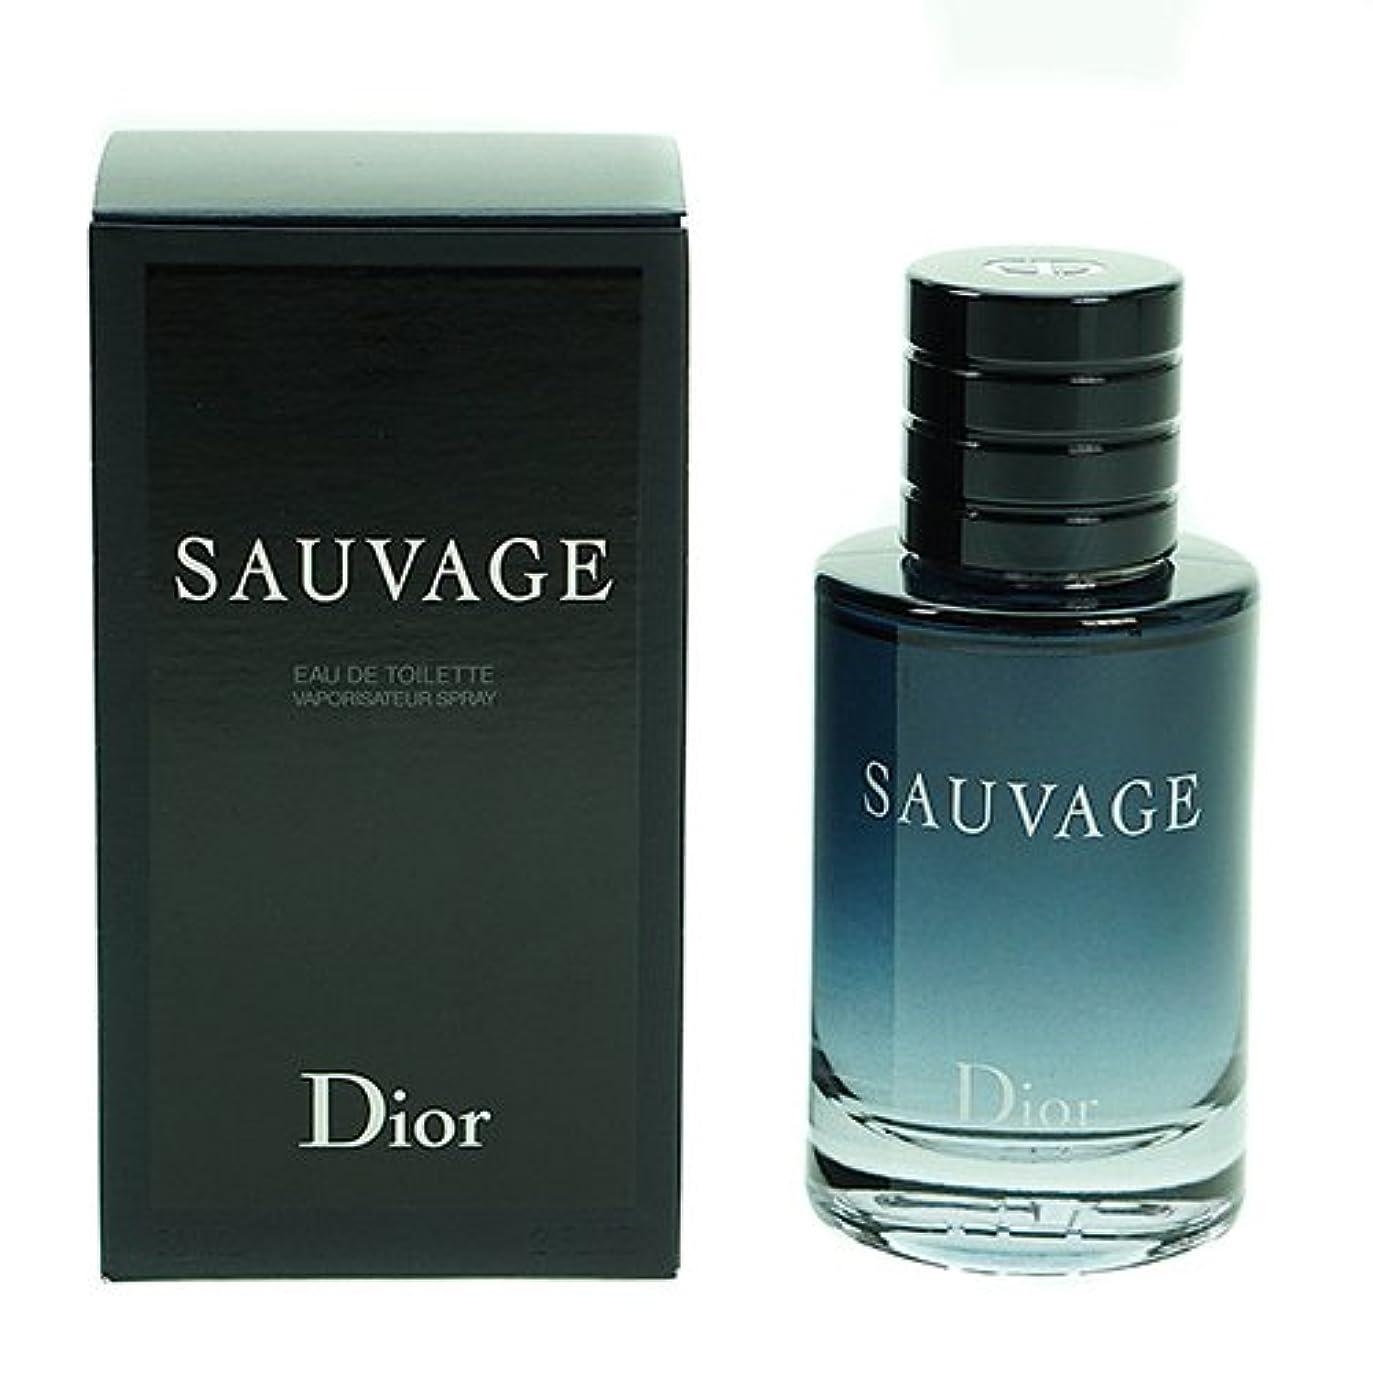 トンファウル累計クリスチャン ディオール(Christian Dior) ソバージュ EDT スプレー 60ml[並行輸入品]